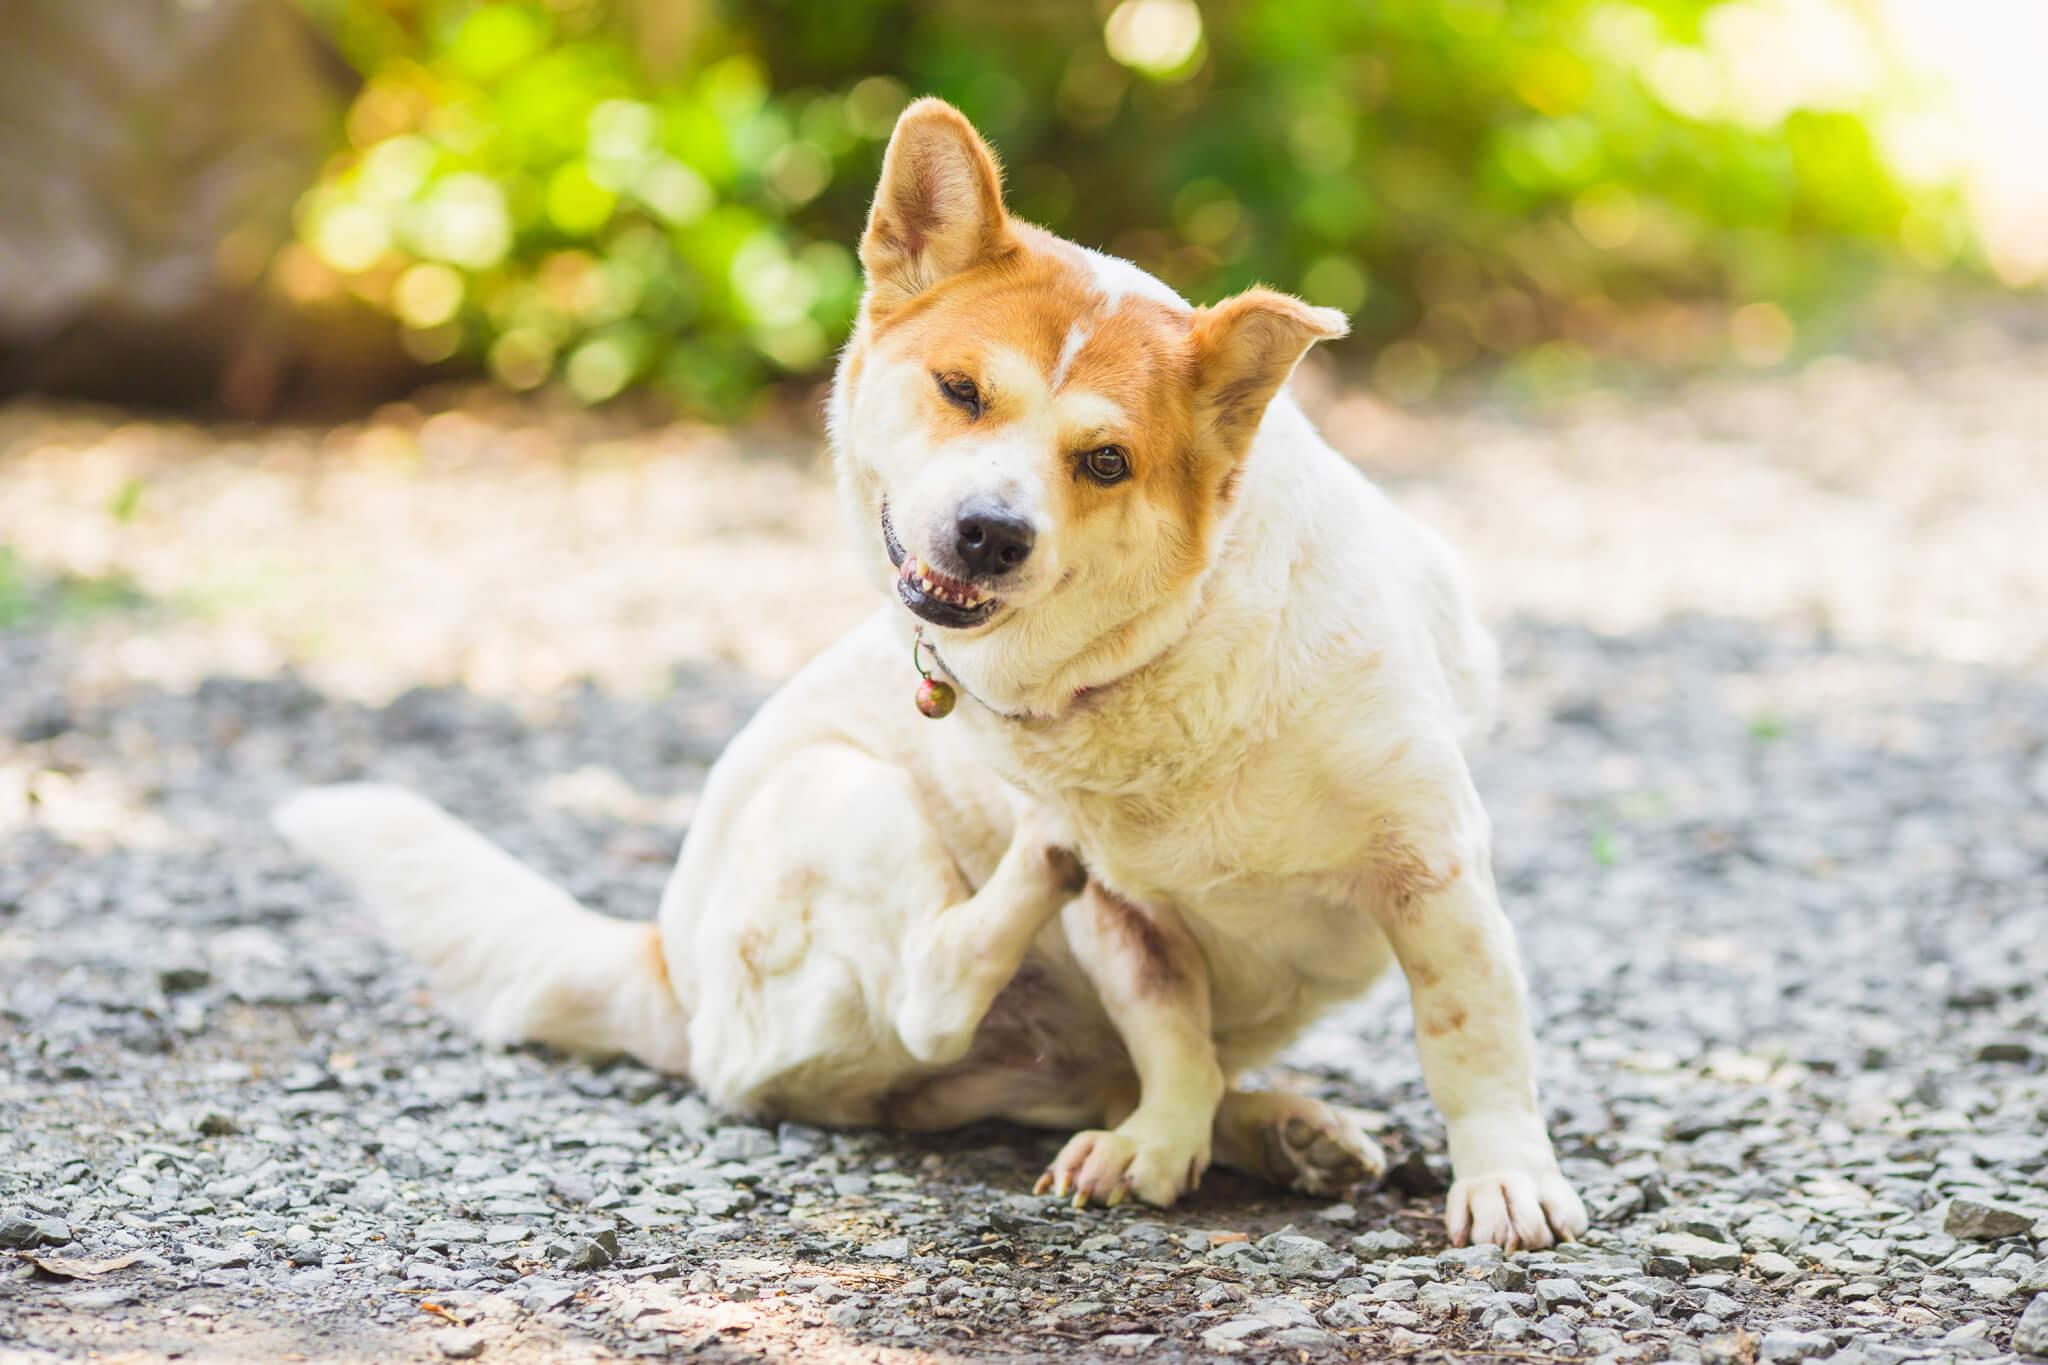 痒いところをかく犬